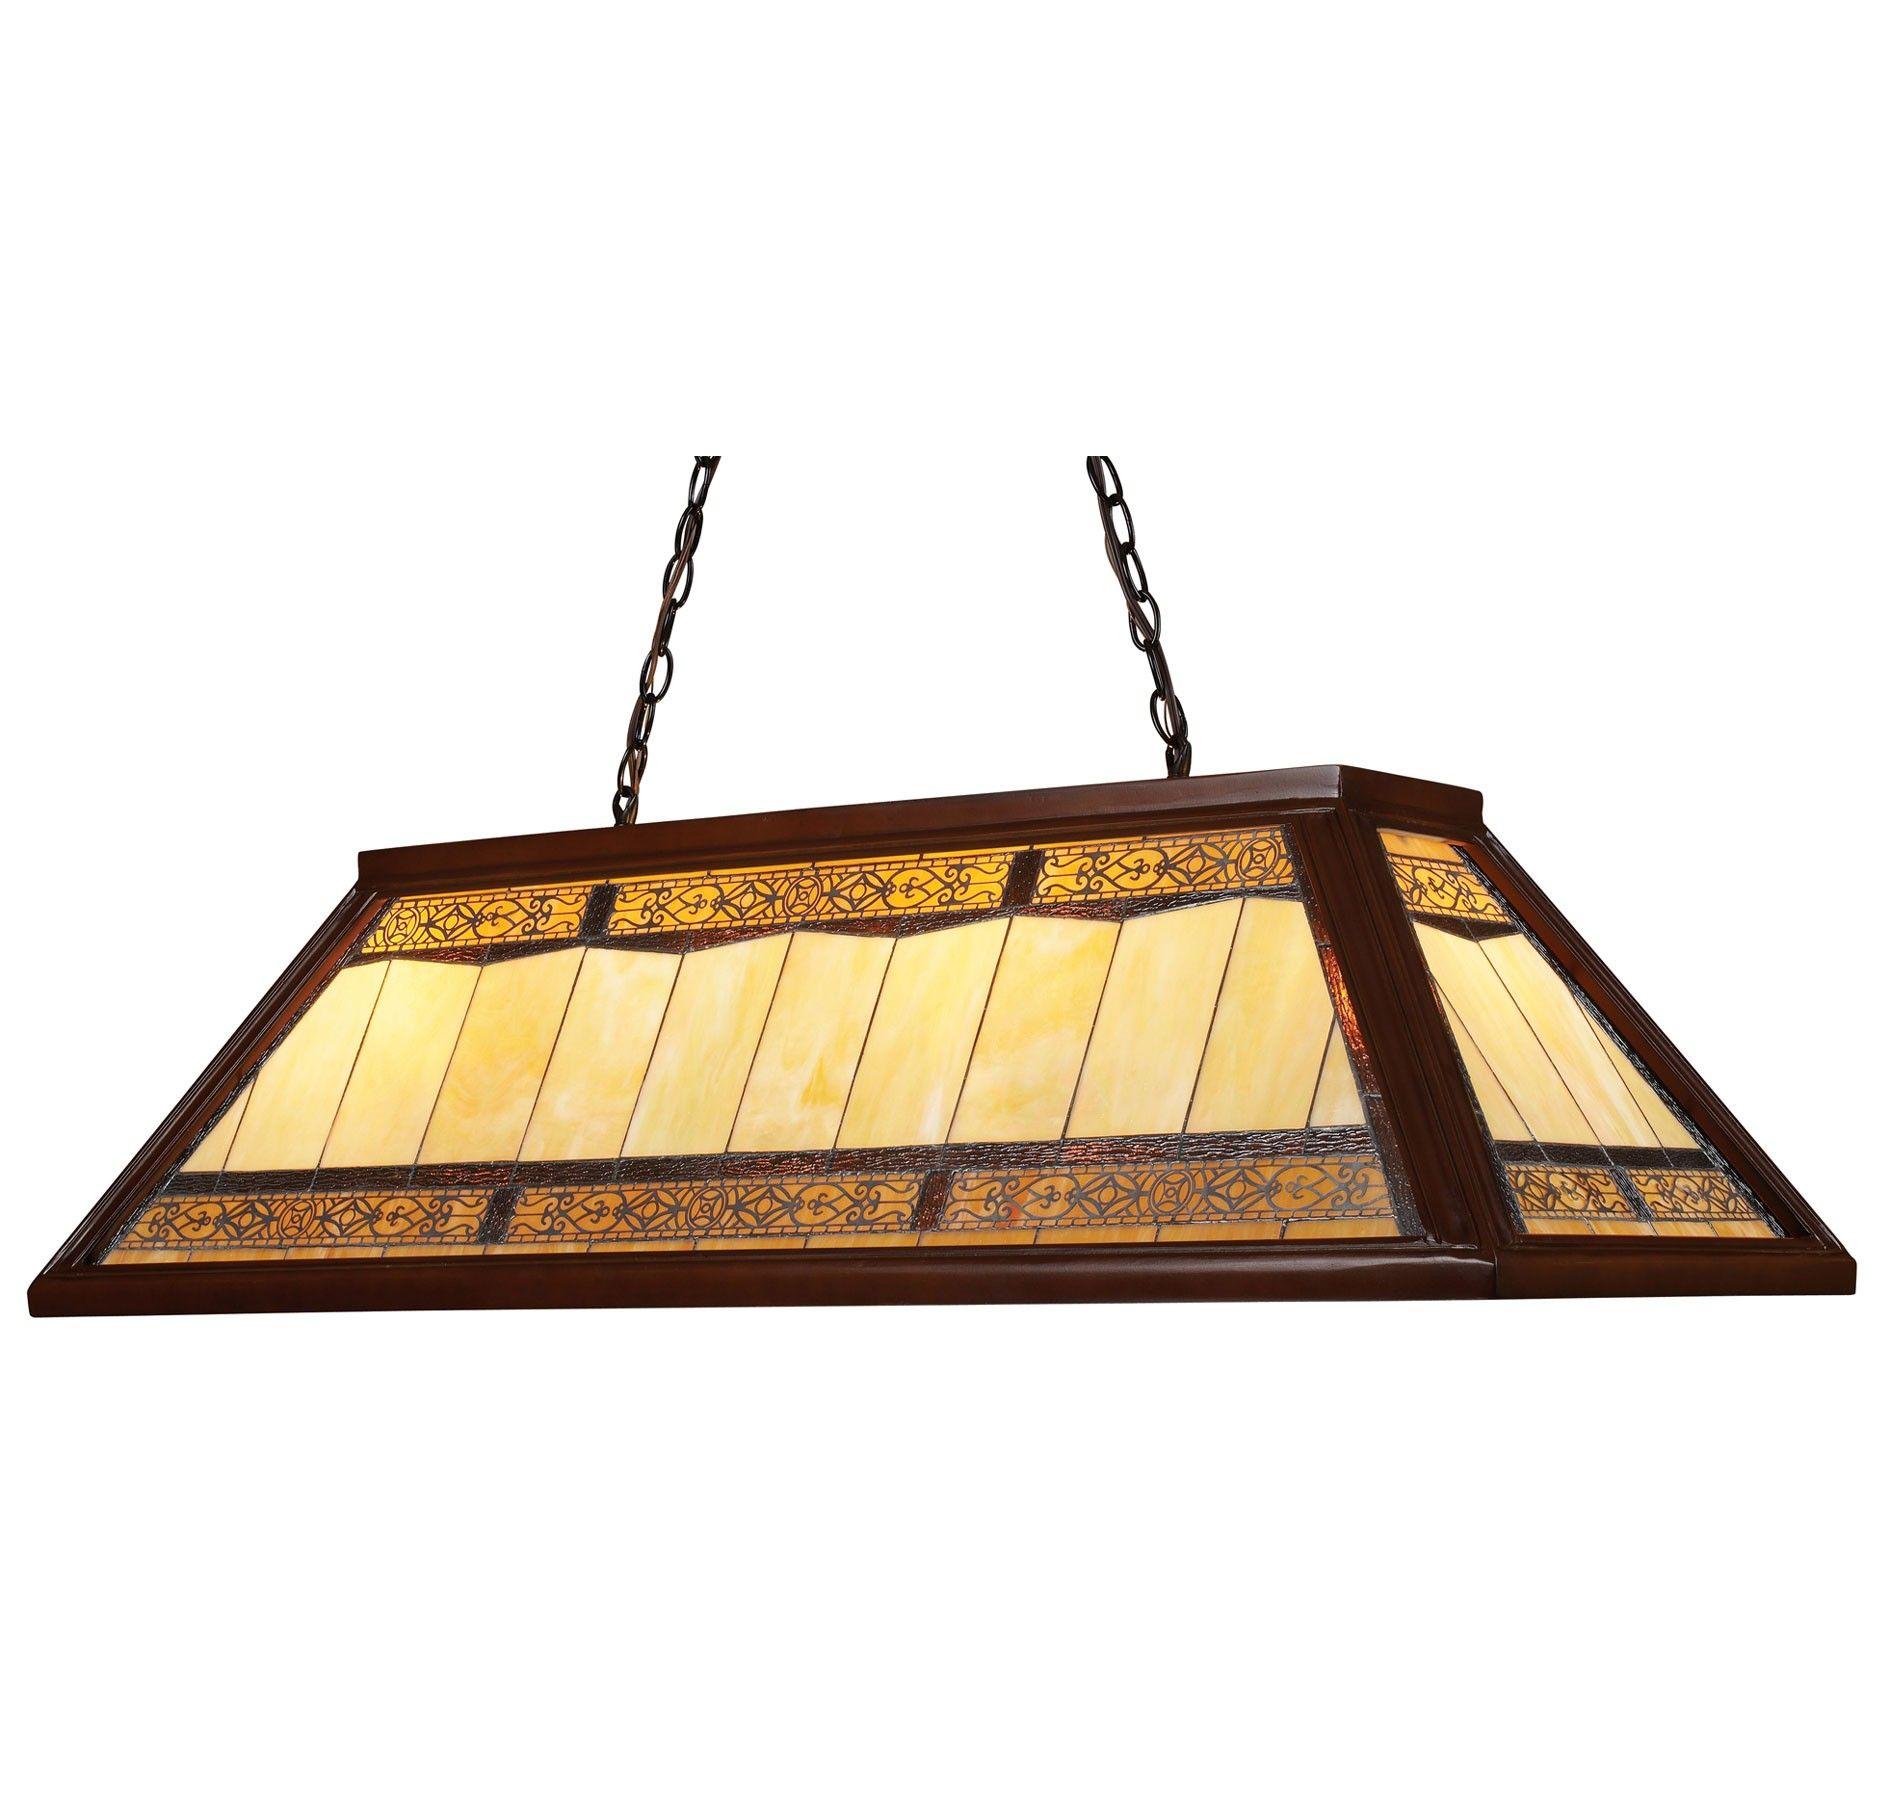 Landmark Tiffany Game Room Lighting 4-Light Chandelier In